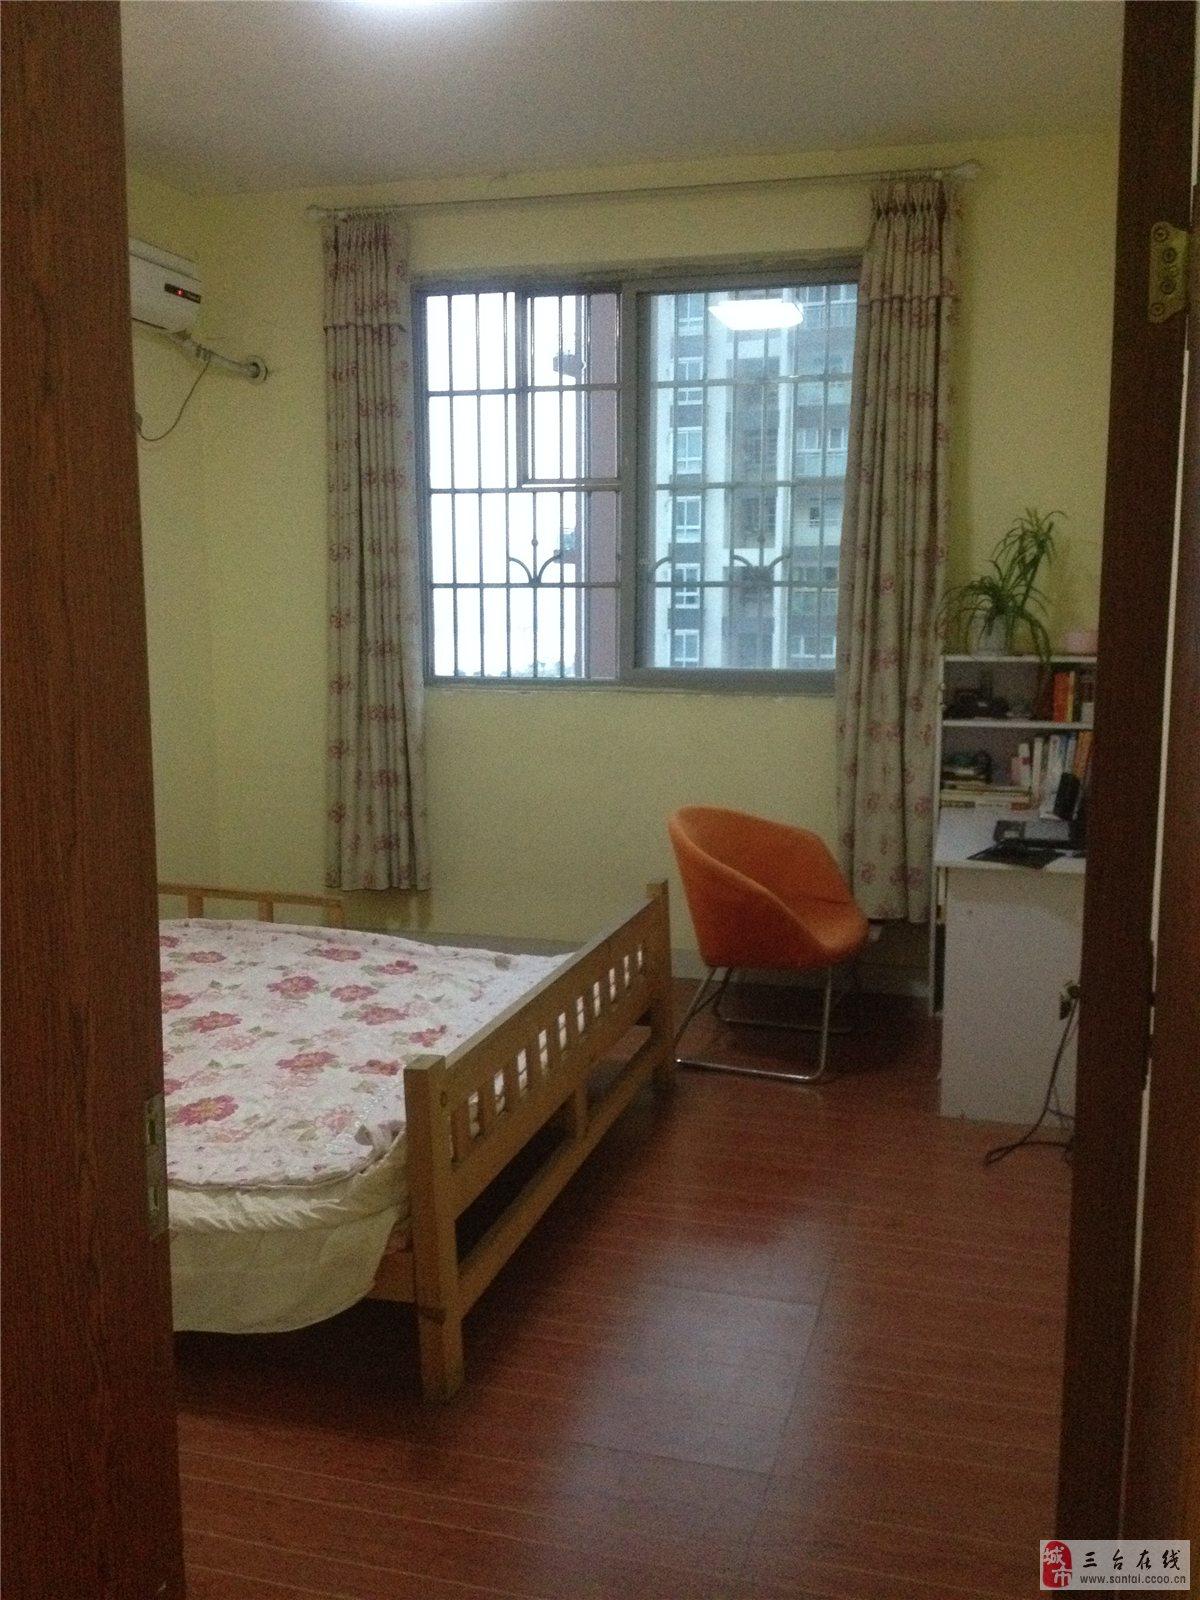 背景墙 房间 家居 酒店 设计 卧室 卧室装修 现代 装修 1200_1600 竖